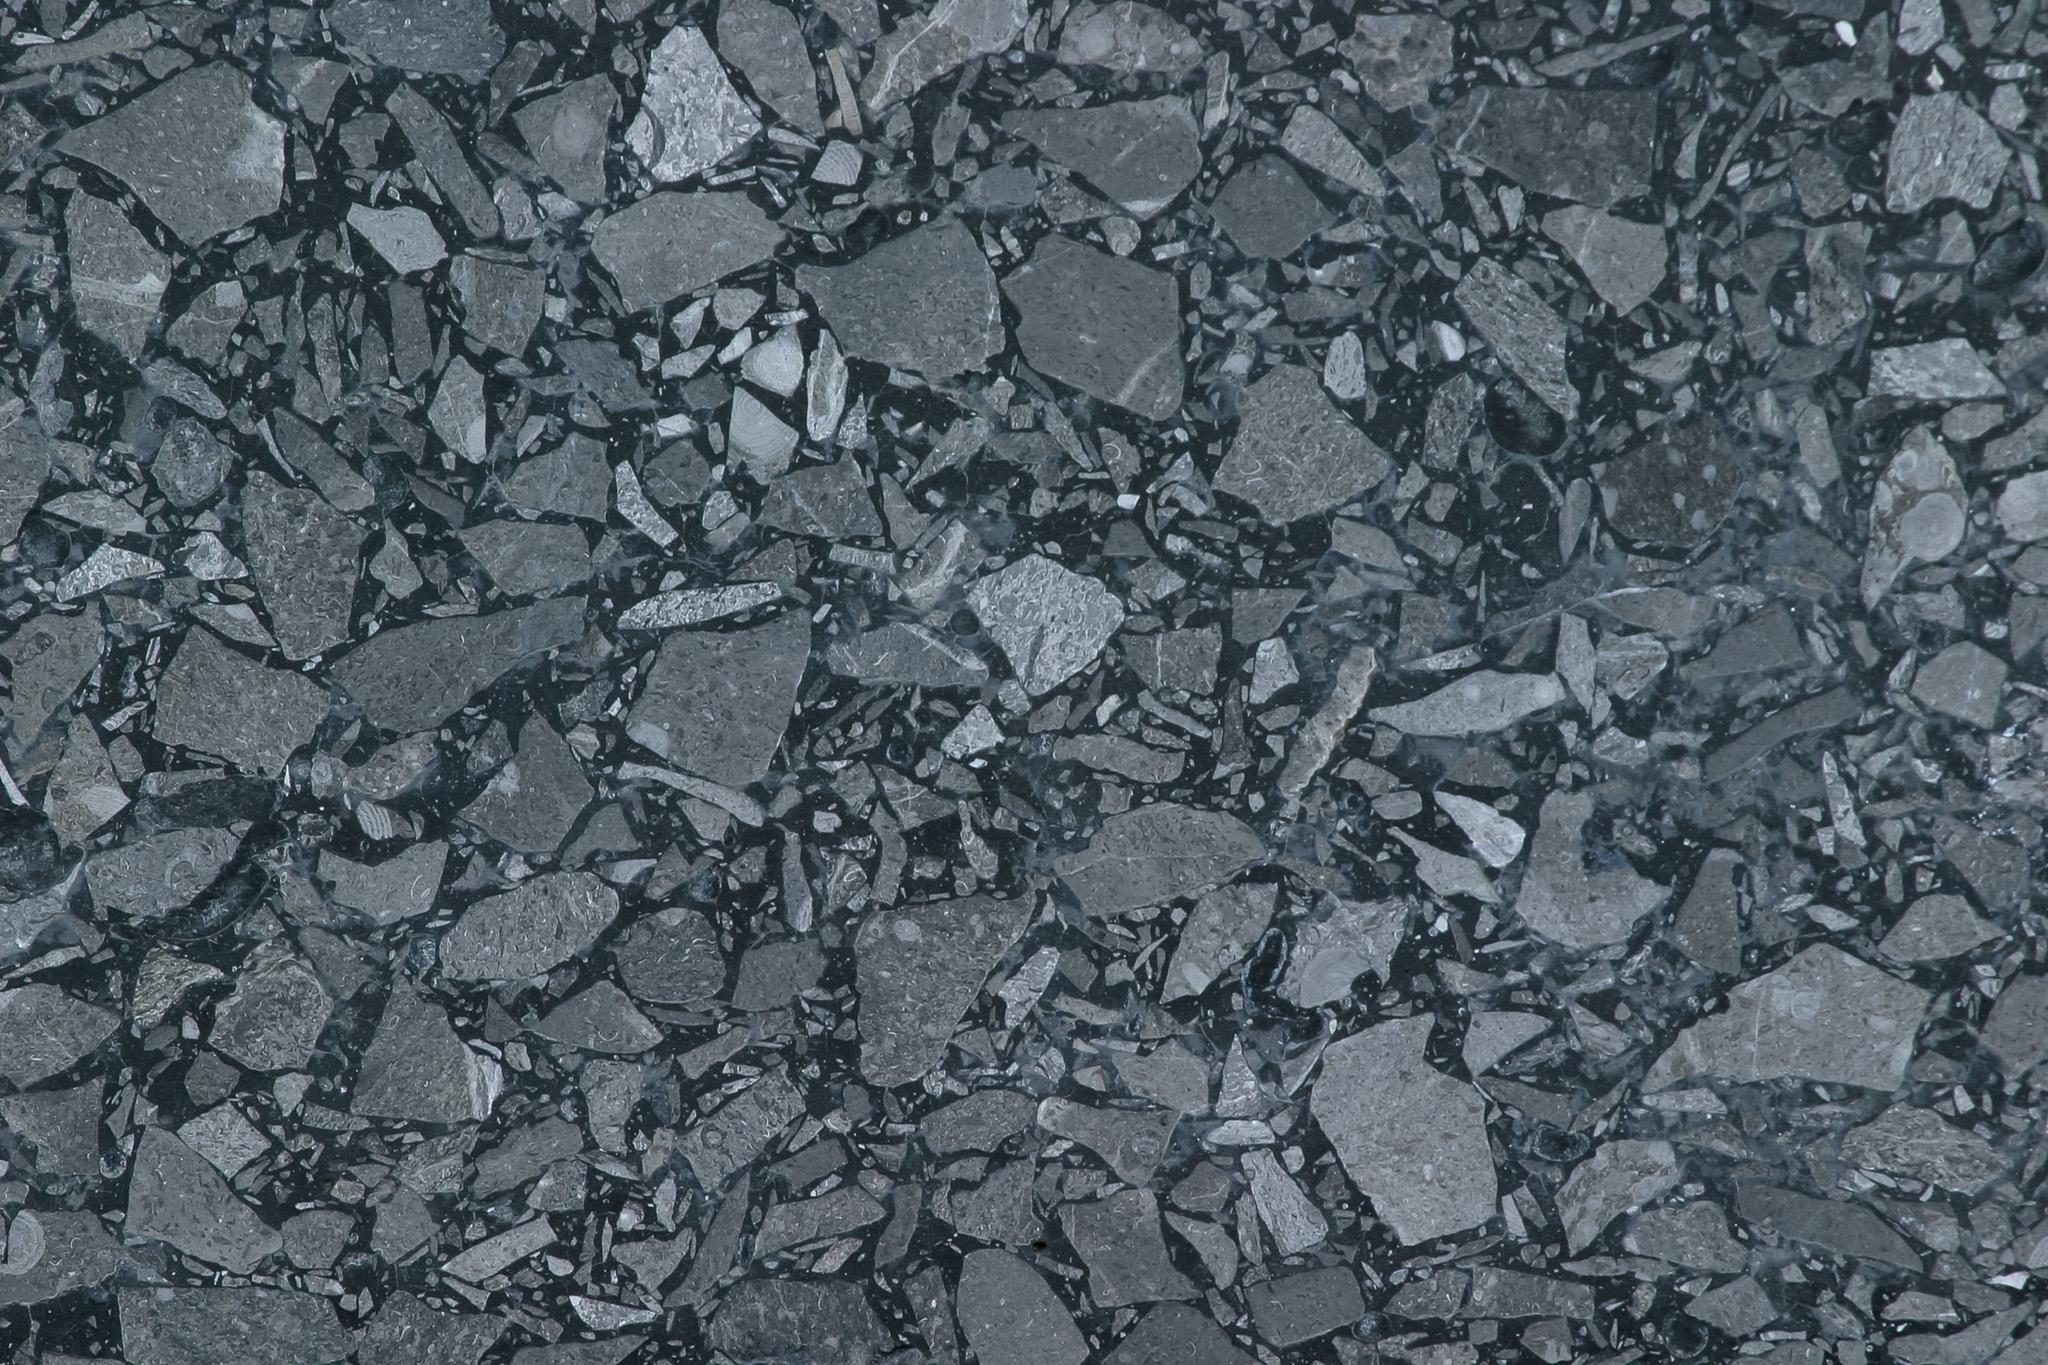 「小さな石が敷き詰められた背景」のテクスチャを無料ダウンロード